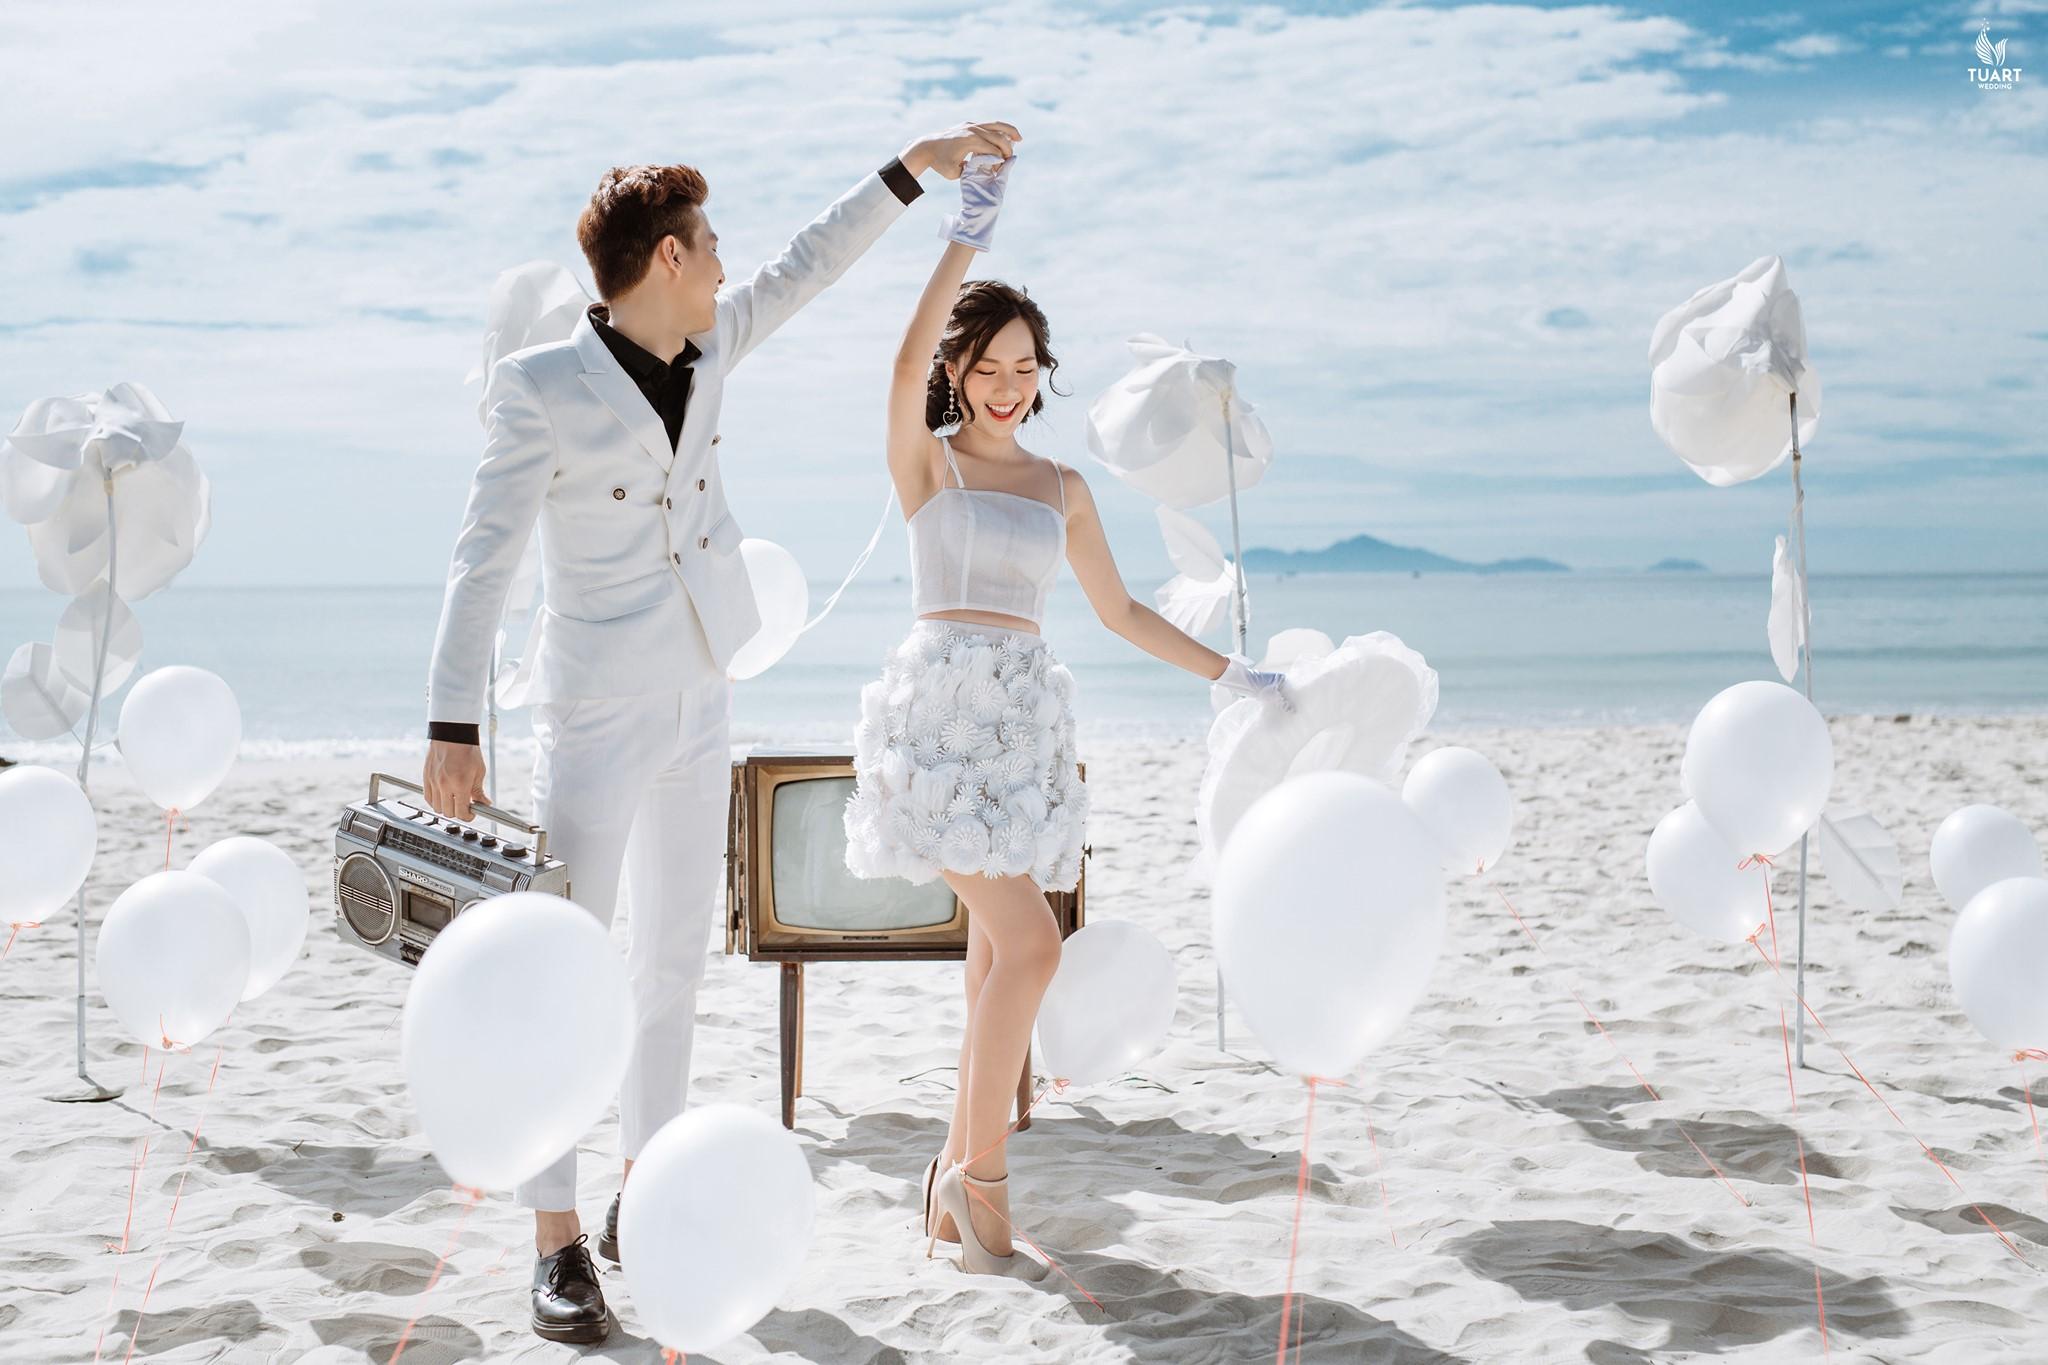 Album ảnh cưới concept Đà Nẵng 1